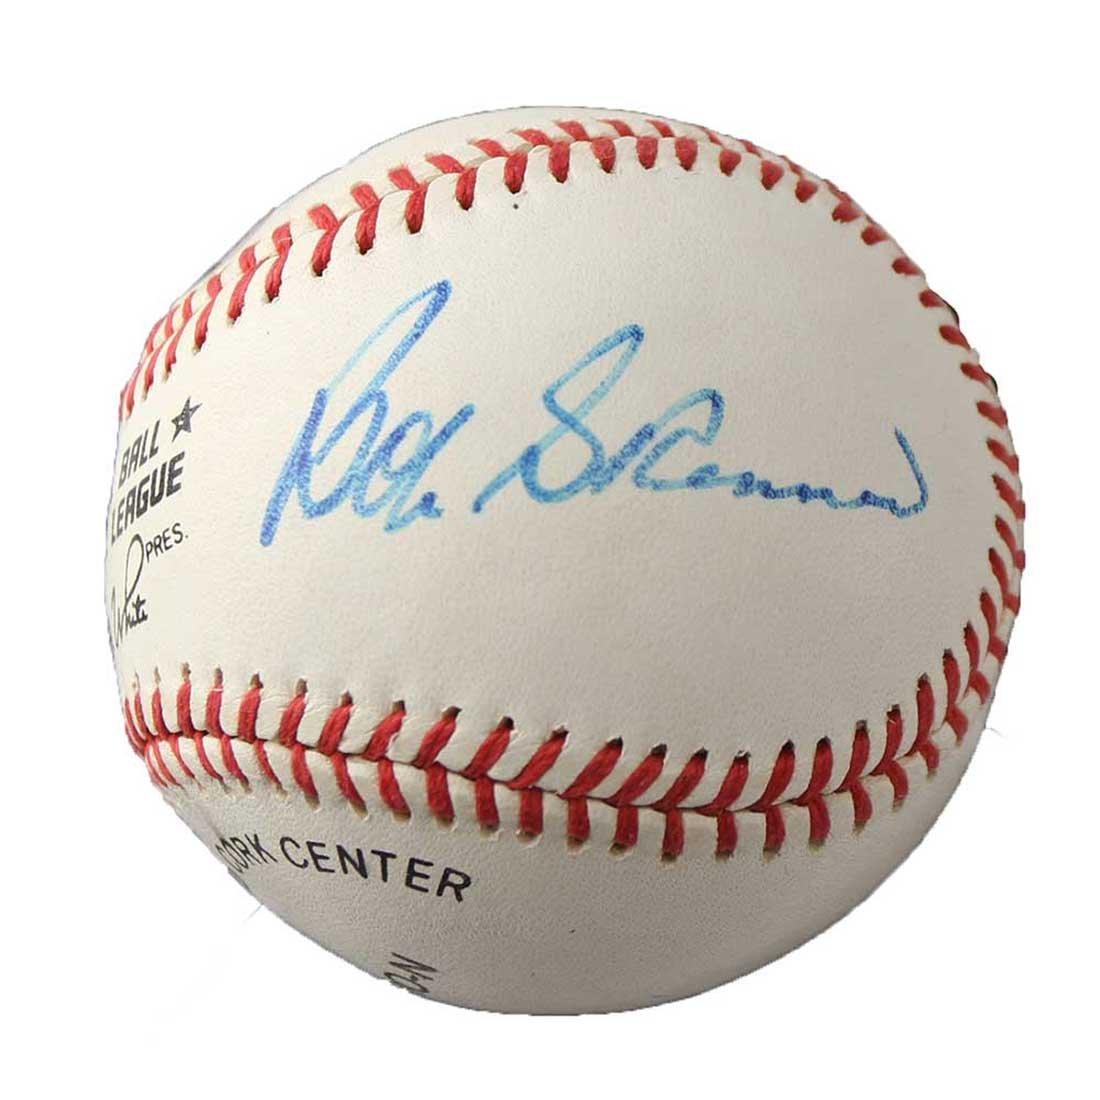 Bob Skinner Autographed Baseball